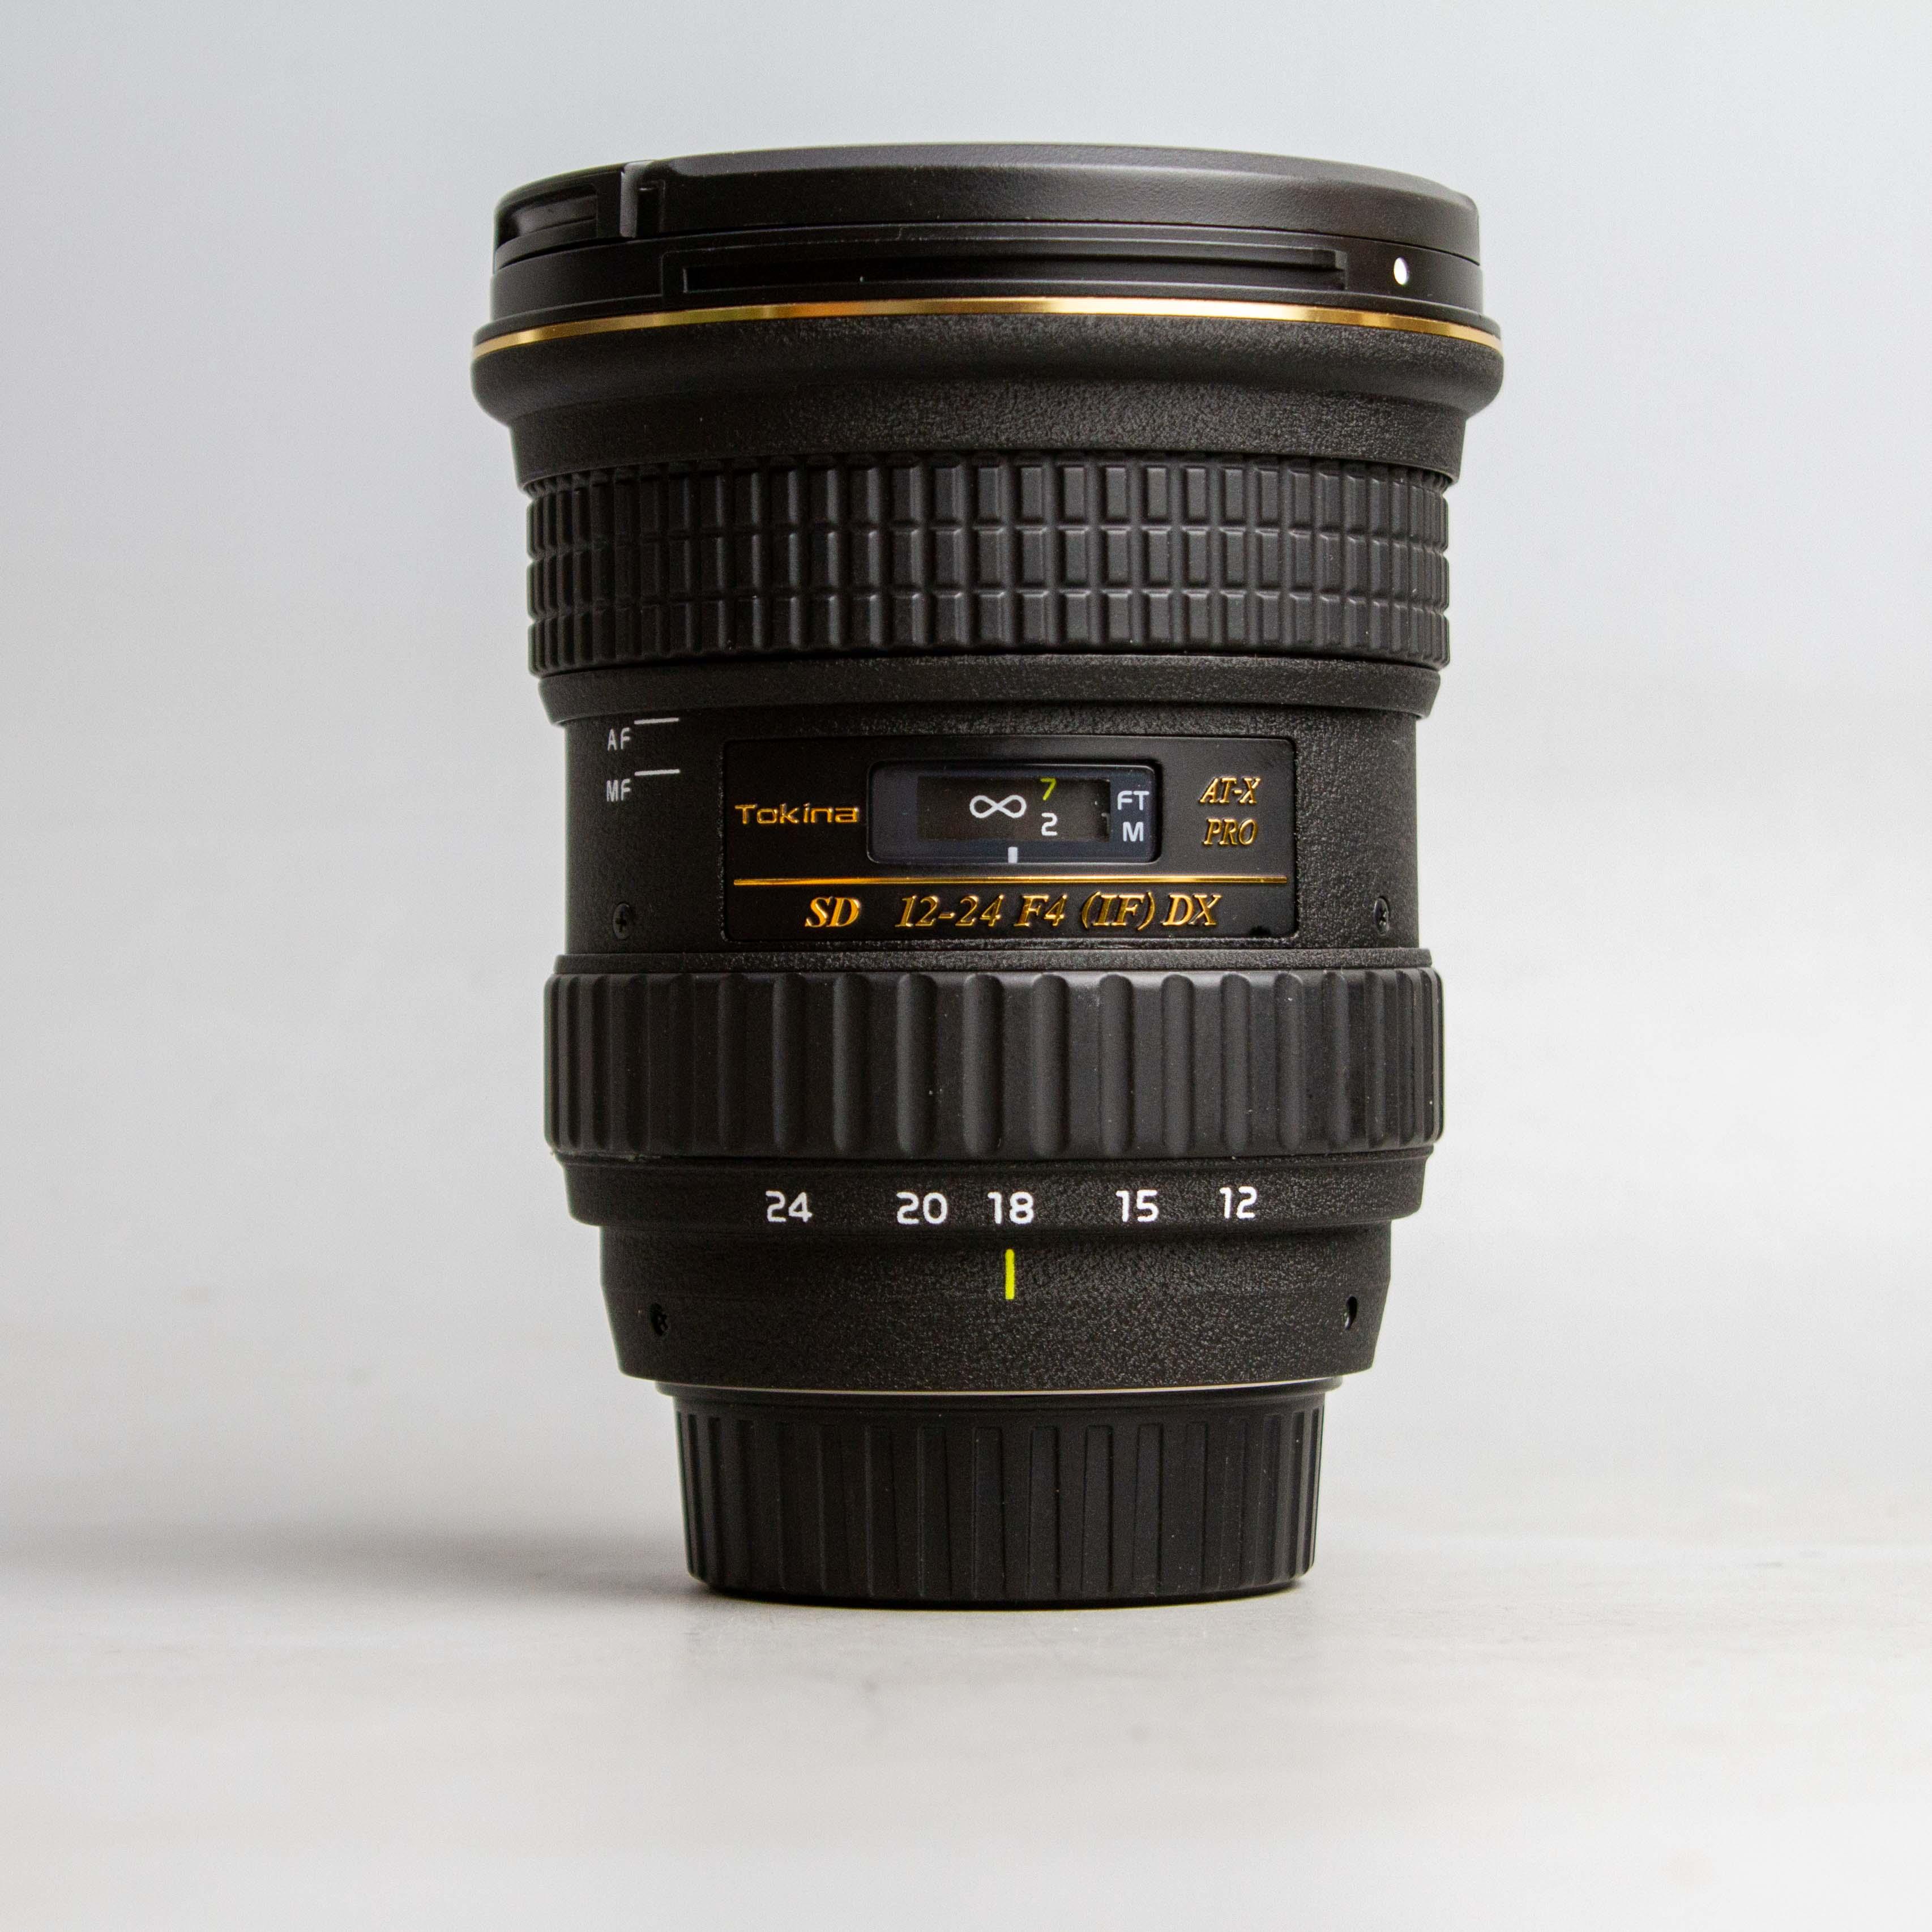 tokina-12-24mm-f4-0-dx-af-nikon-tokina-12-24-4-0-17411